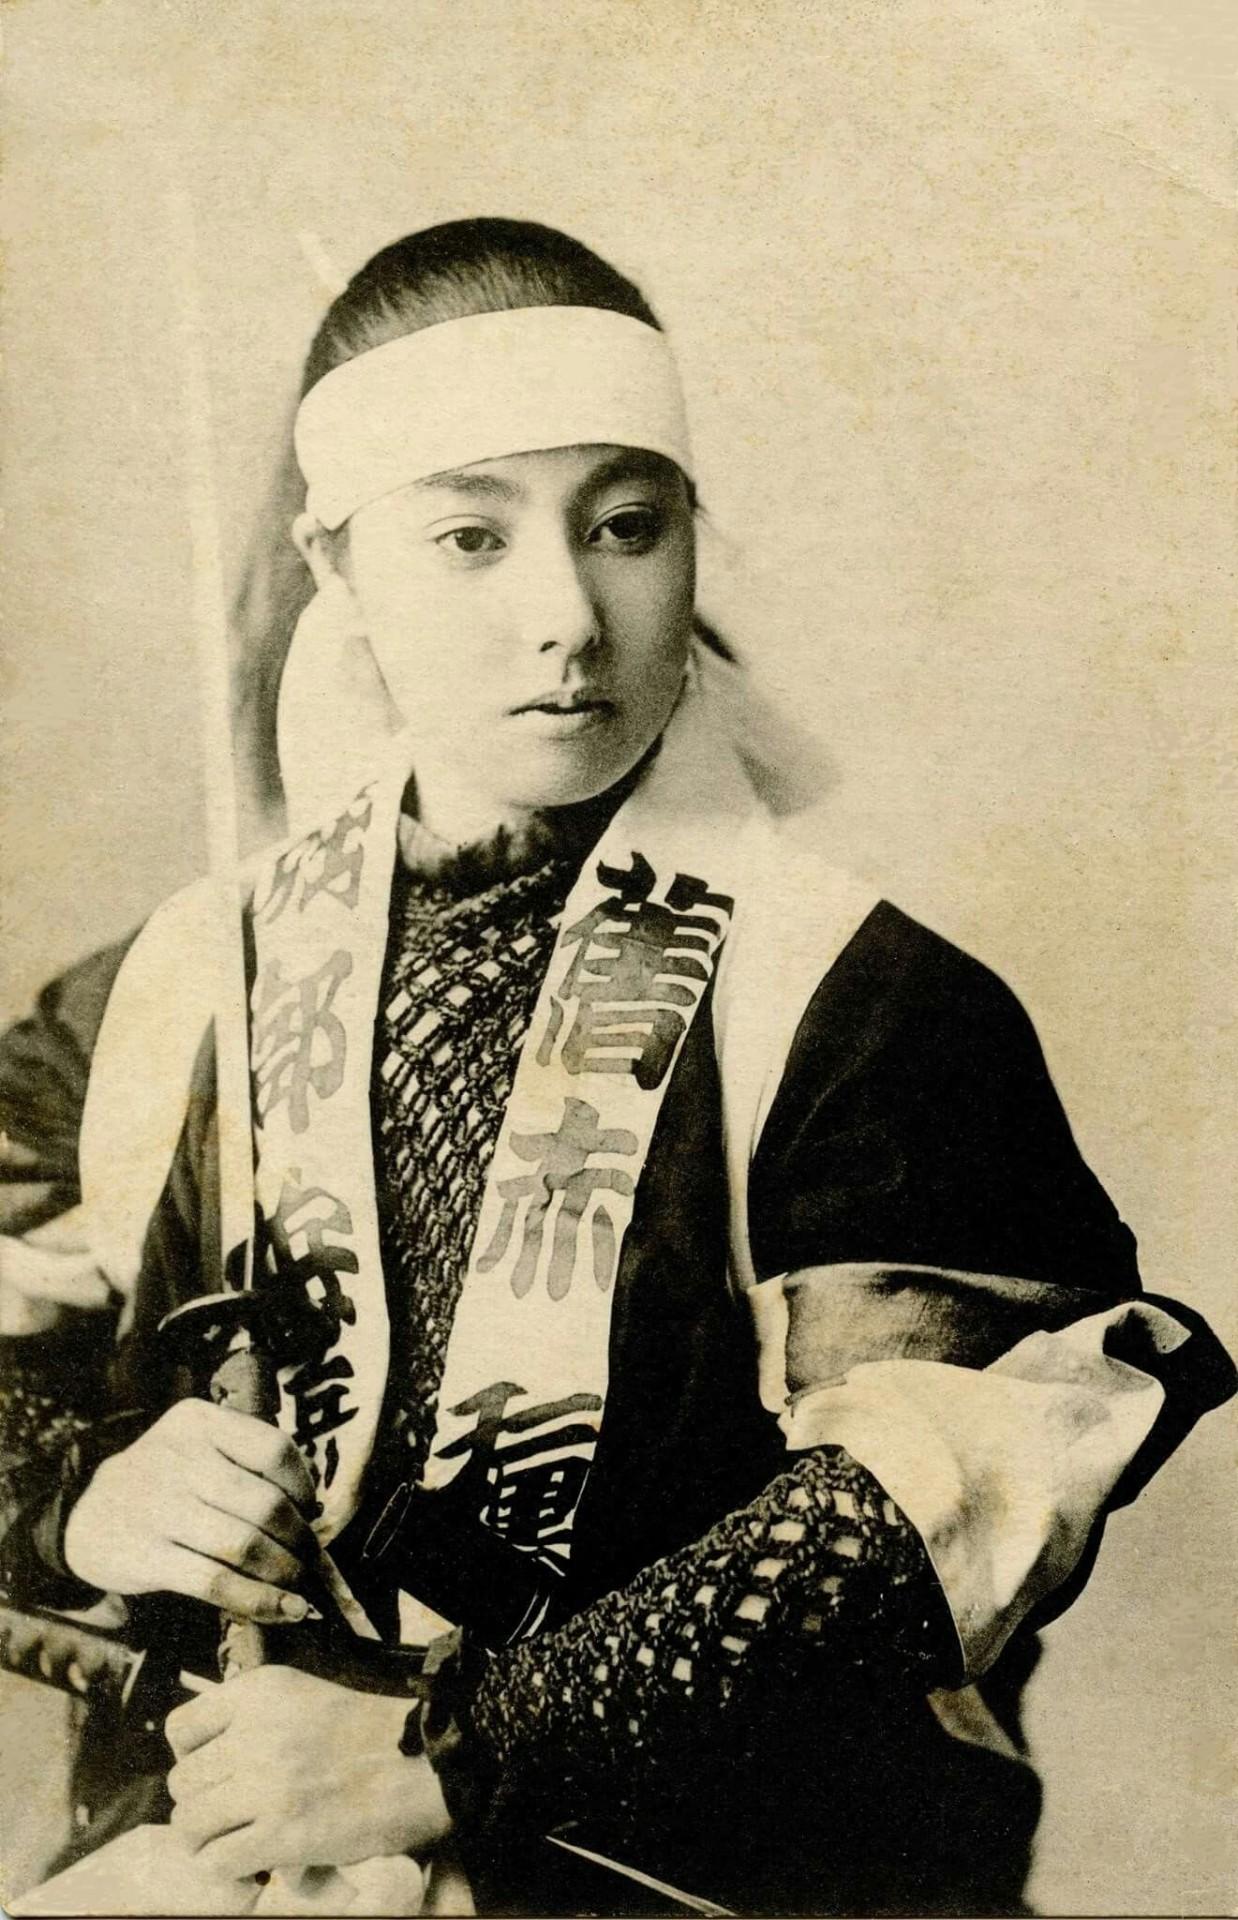 Гейша с катаной примерно в начале 1900-х годов